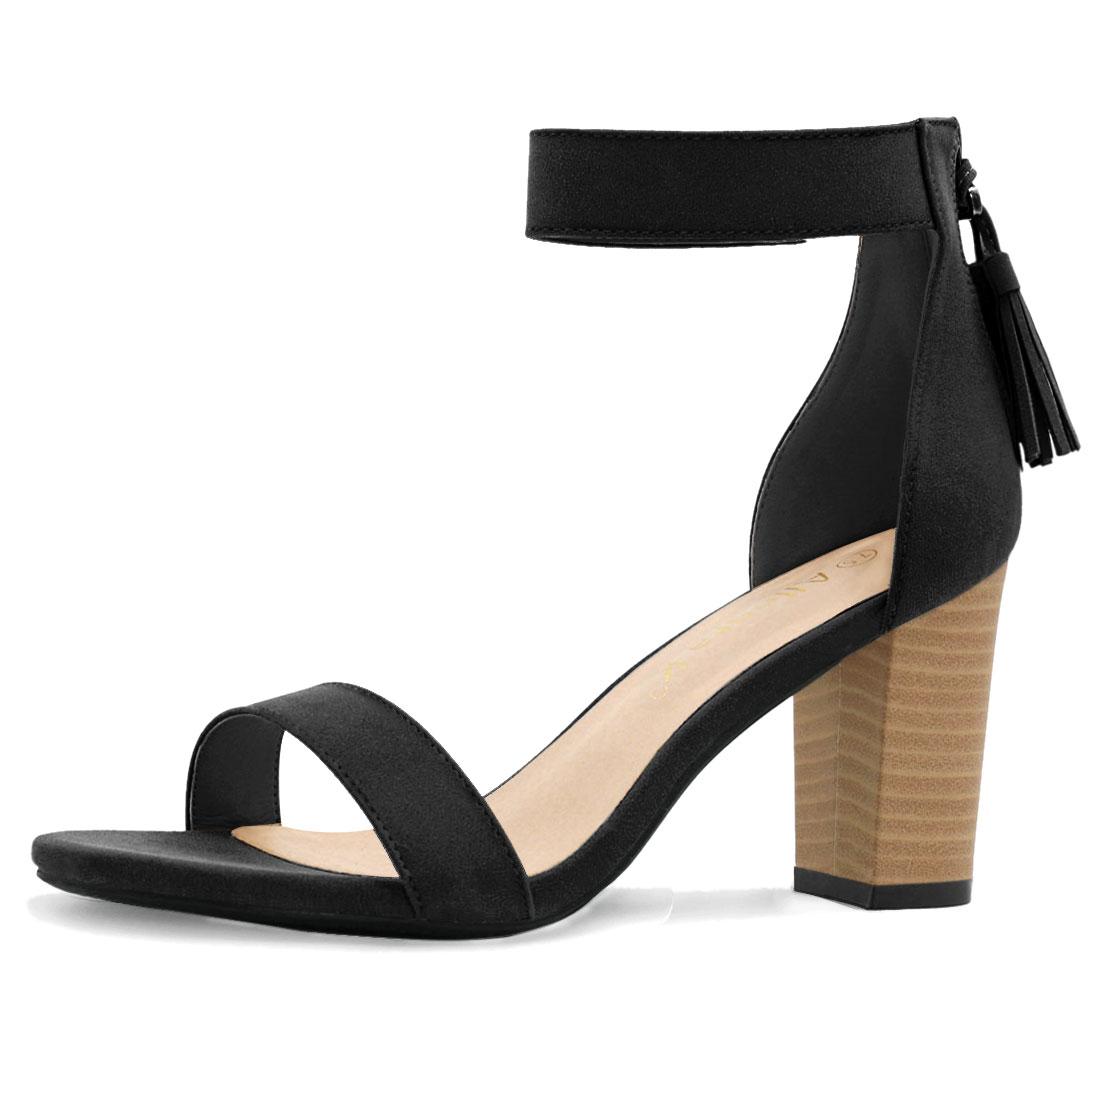 Women Open Toe Tassel Stacked Heel Ankle Strap Sandals Black US 8.5